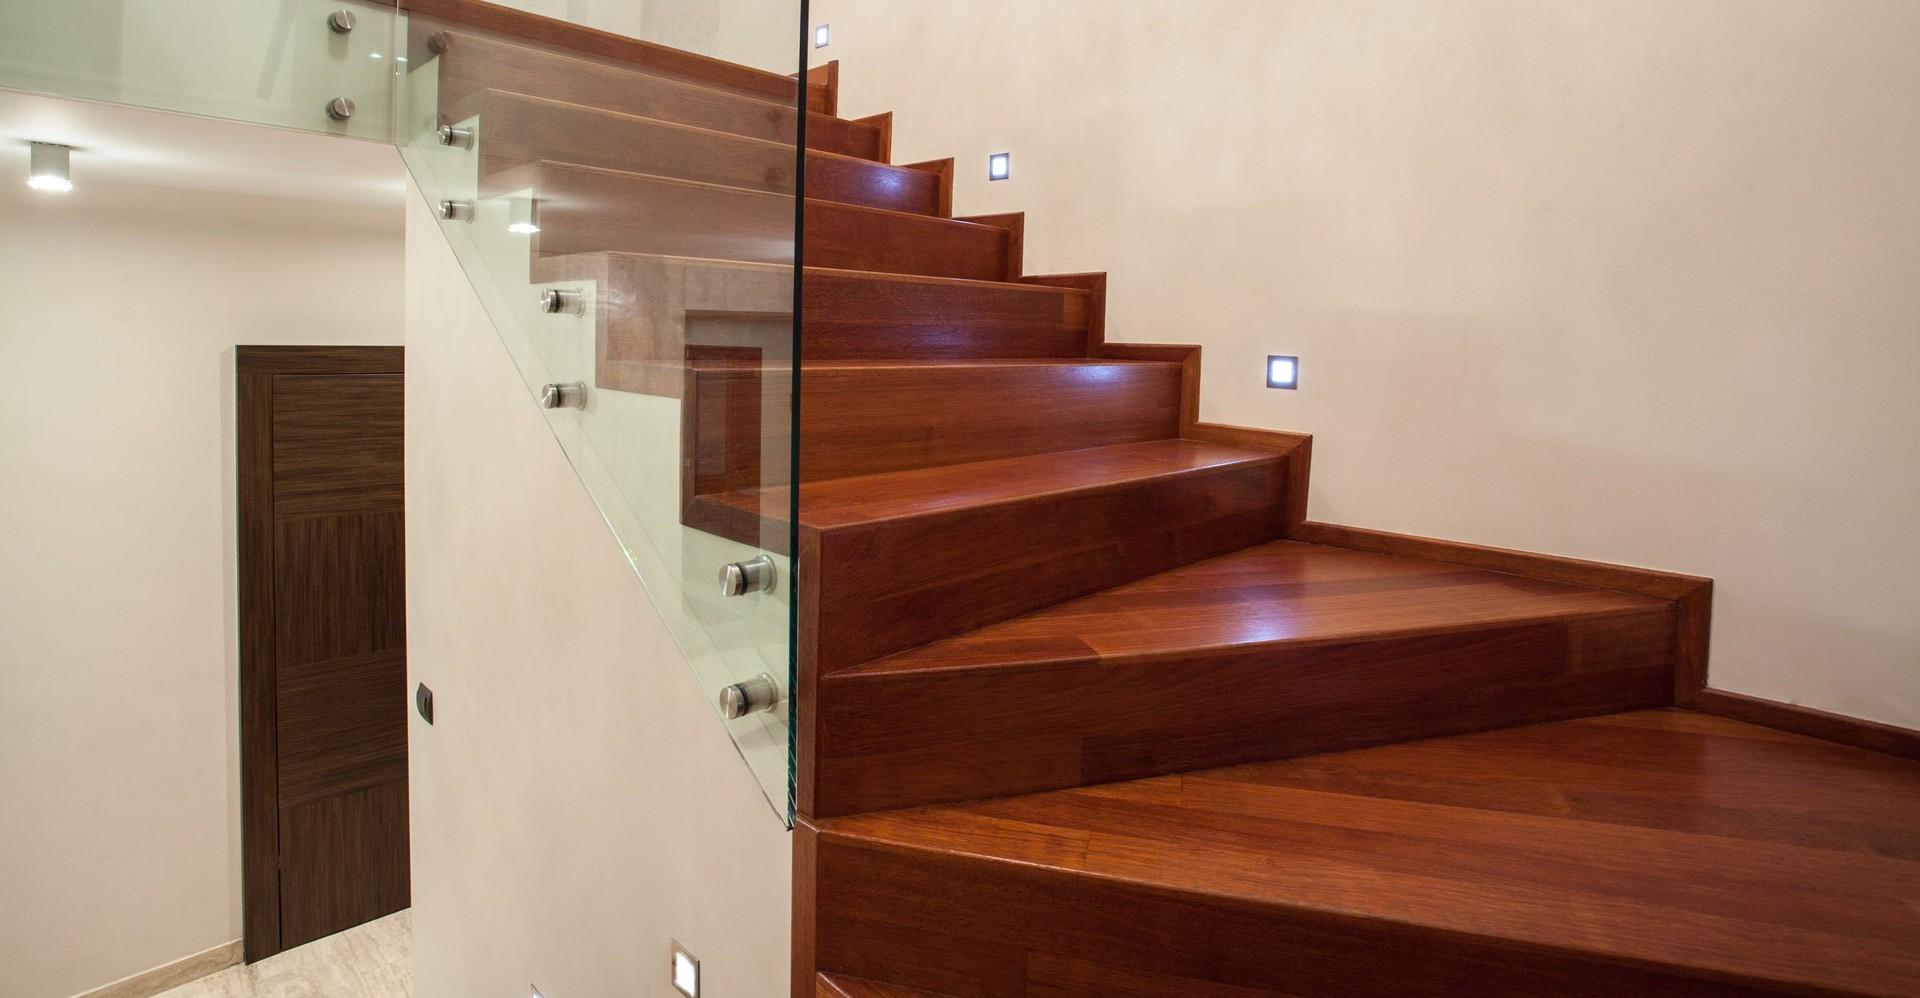 Groovy Schody i Drzwi z drewna - Stolbed - Kielce 505 074 938 schody NU65